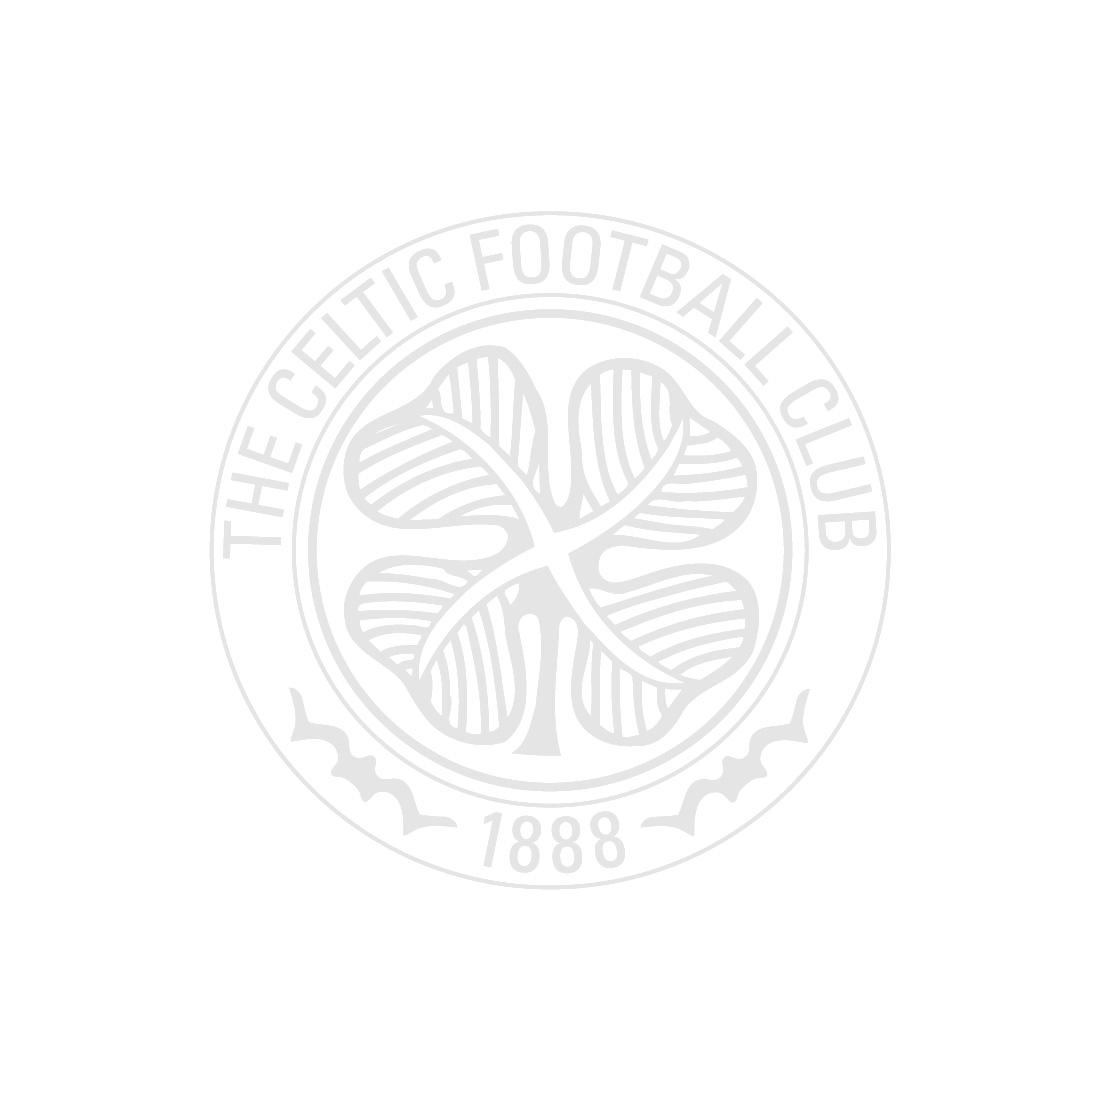 Celtic 1988 Centenary Retro Home Scarf